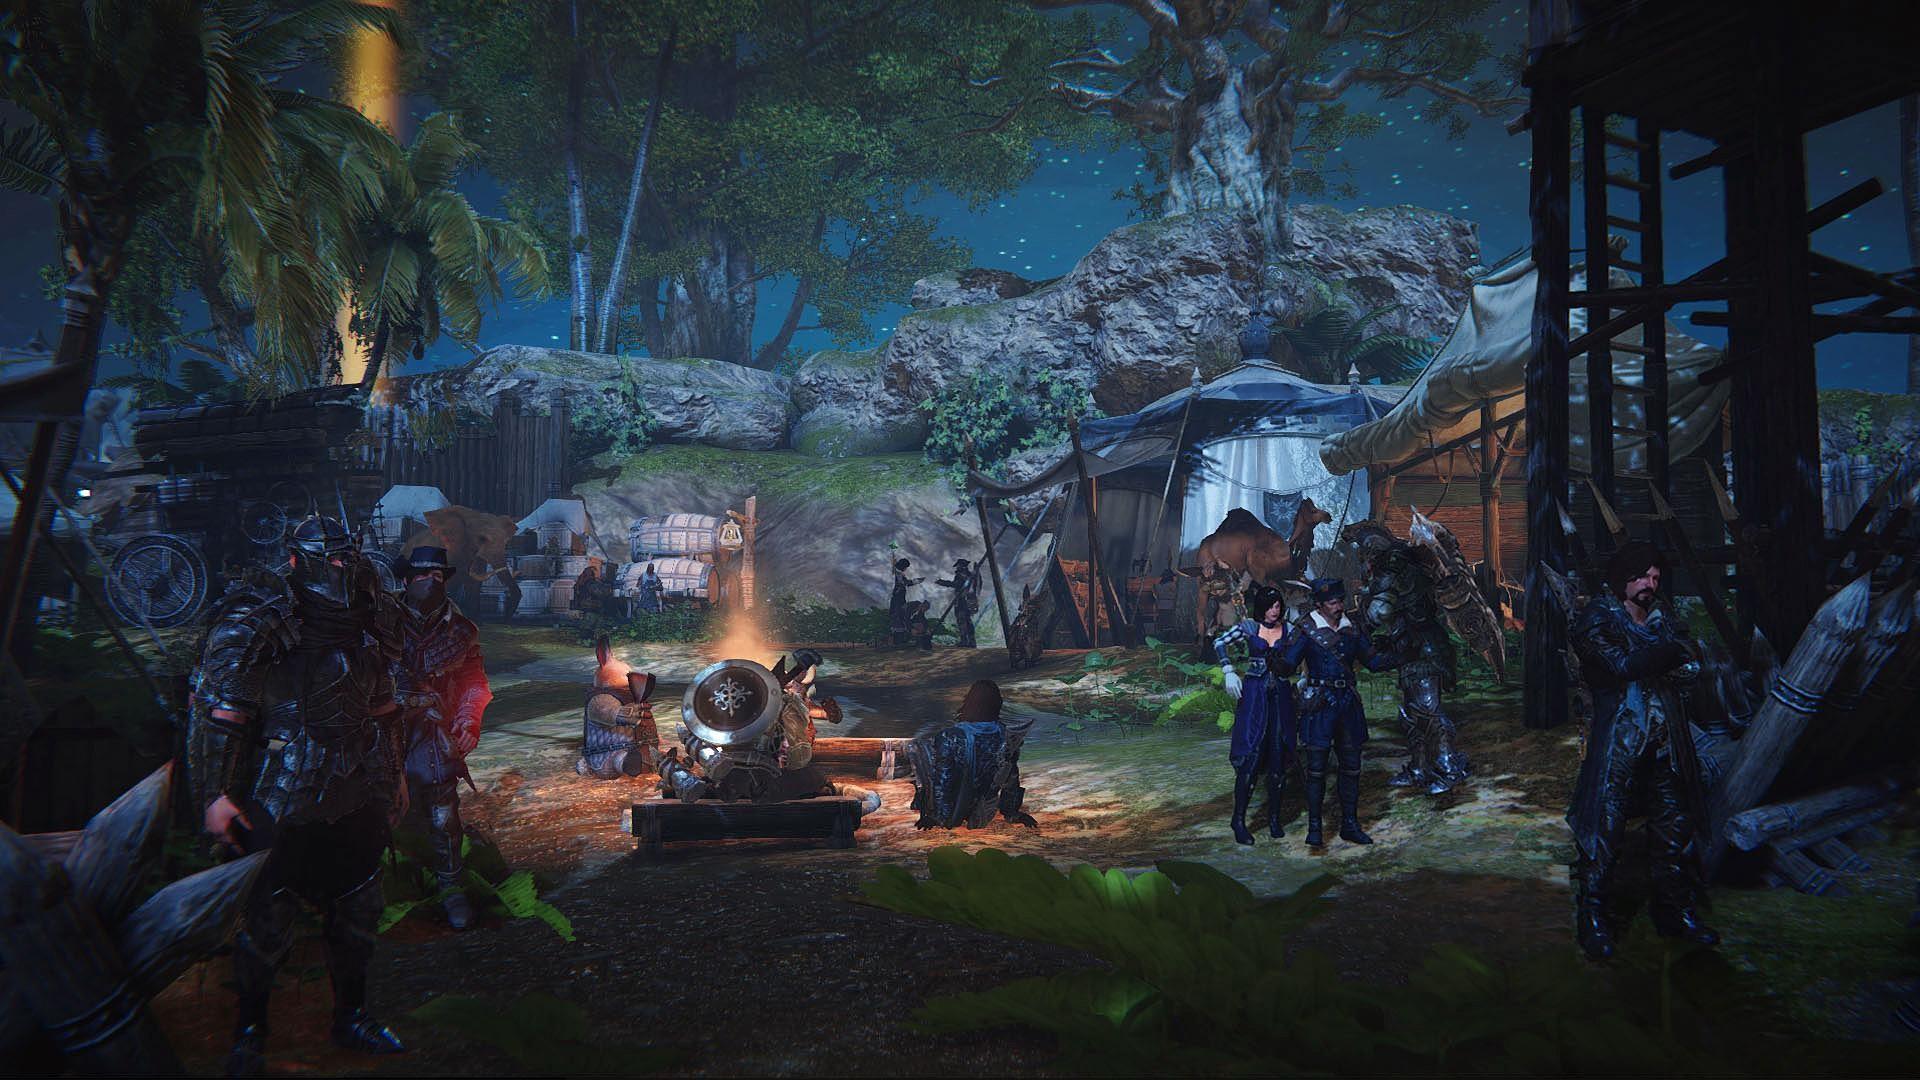 Autoři PUBG chystají novou hru, MMORPG Ascent: Infinite Realm 152529